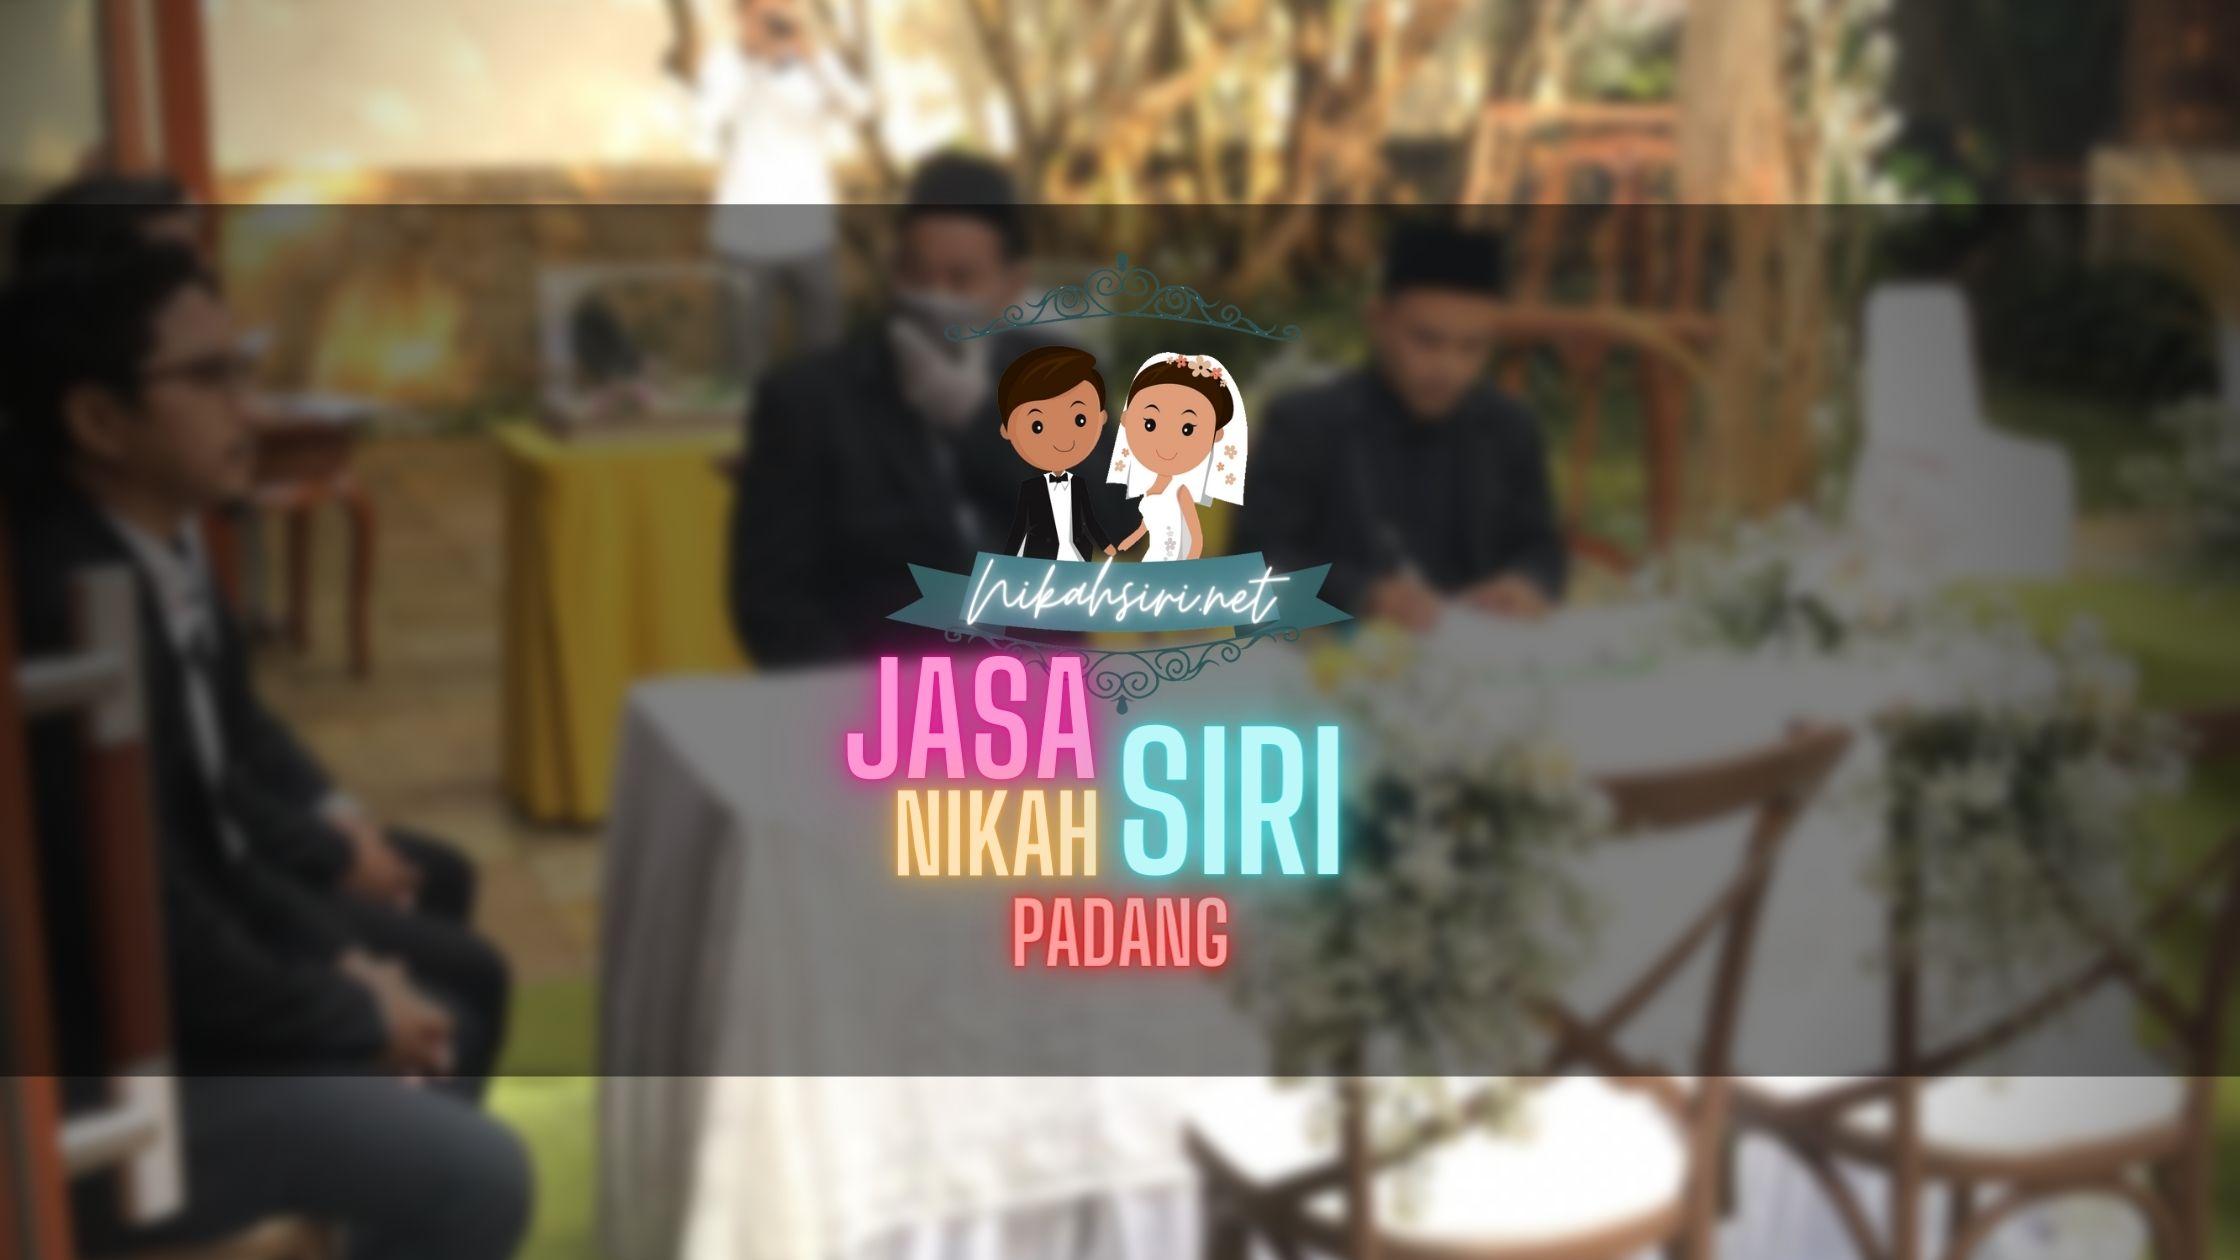 Jasa Nikah Siri Padang ❤️ Dapat Surat Siri | Sumatra Barat